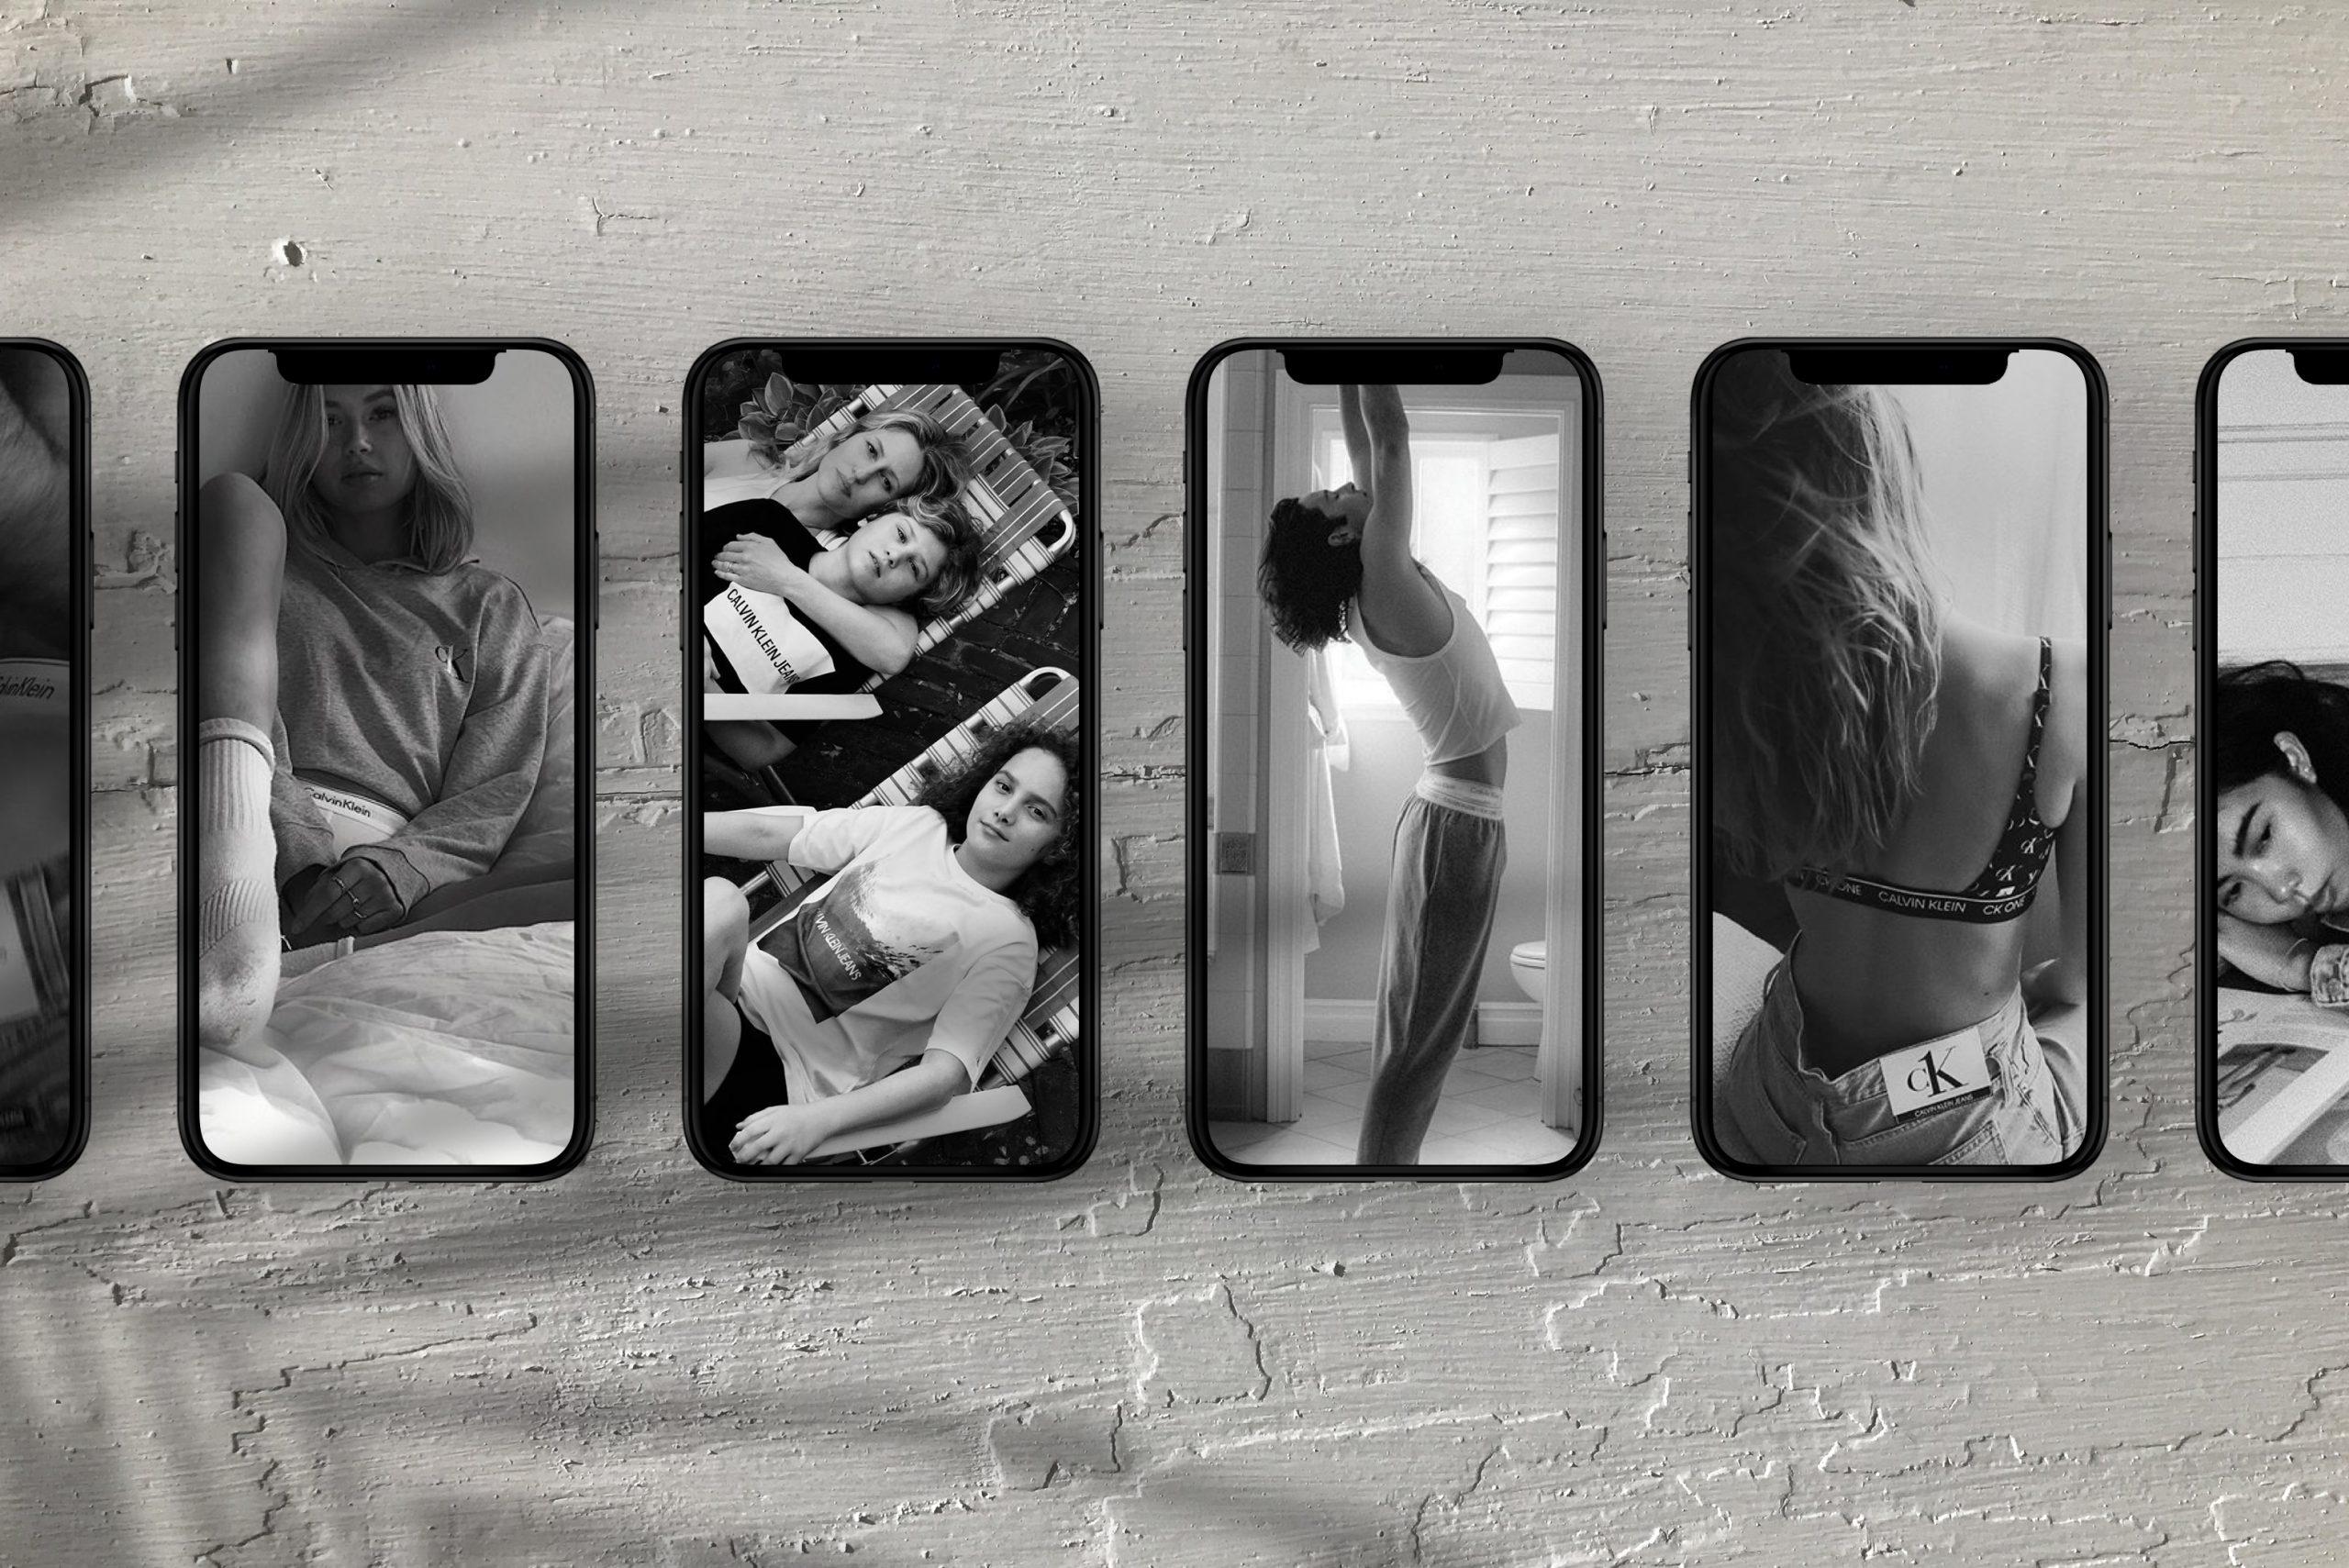 Calvin Klein Spring 2020 Fashion Ad Campaign Photos